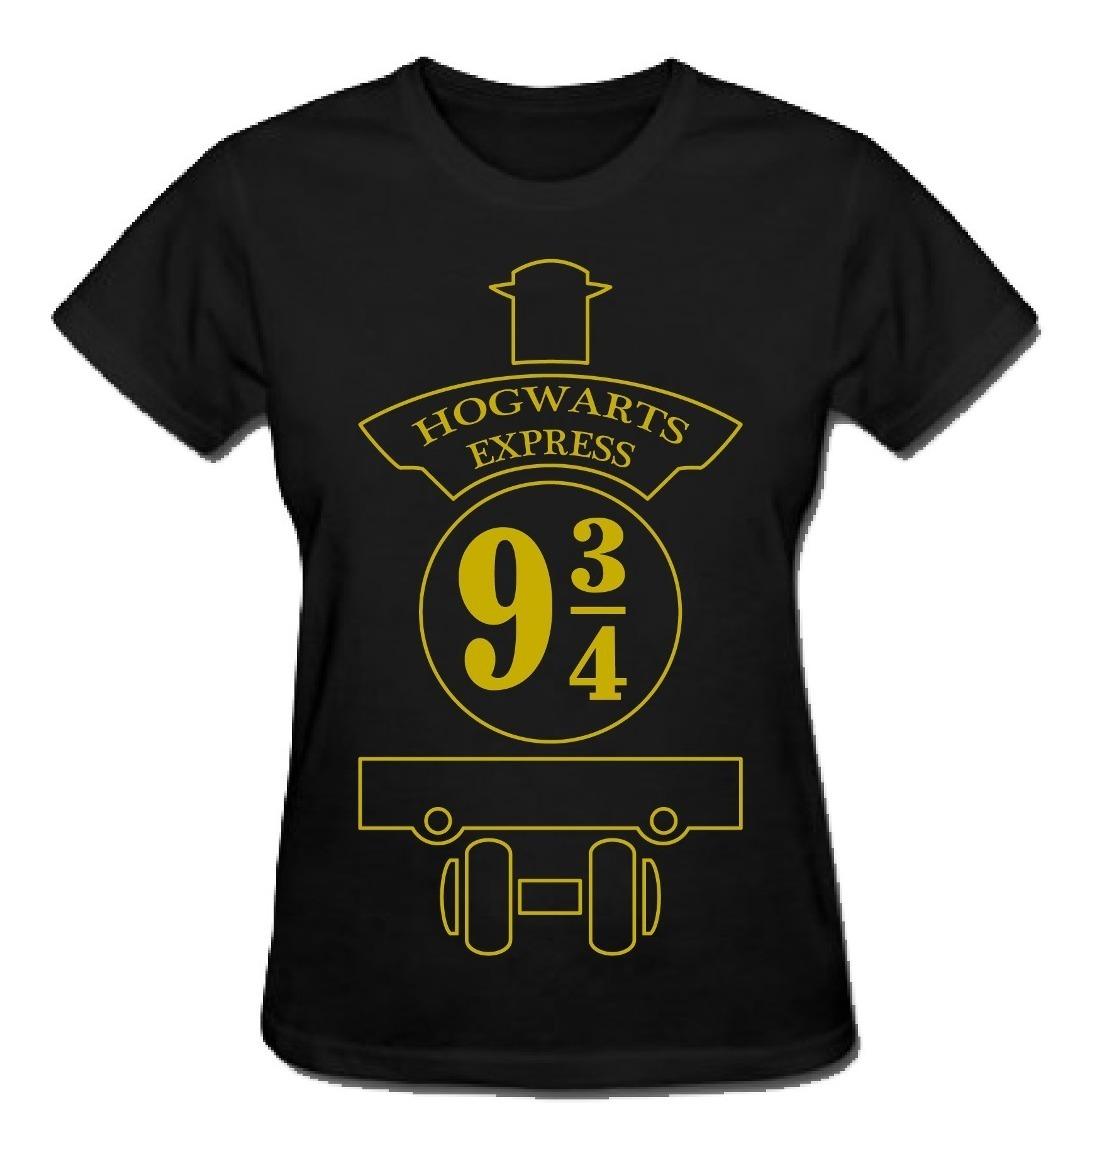 6b2f8a0d2 Camiseta Hogwarts Express 9 3/4 (harry Potter) - R$ 35,00 em Mercado ...